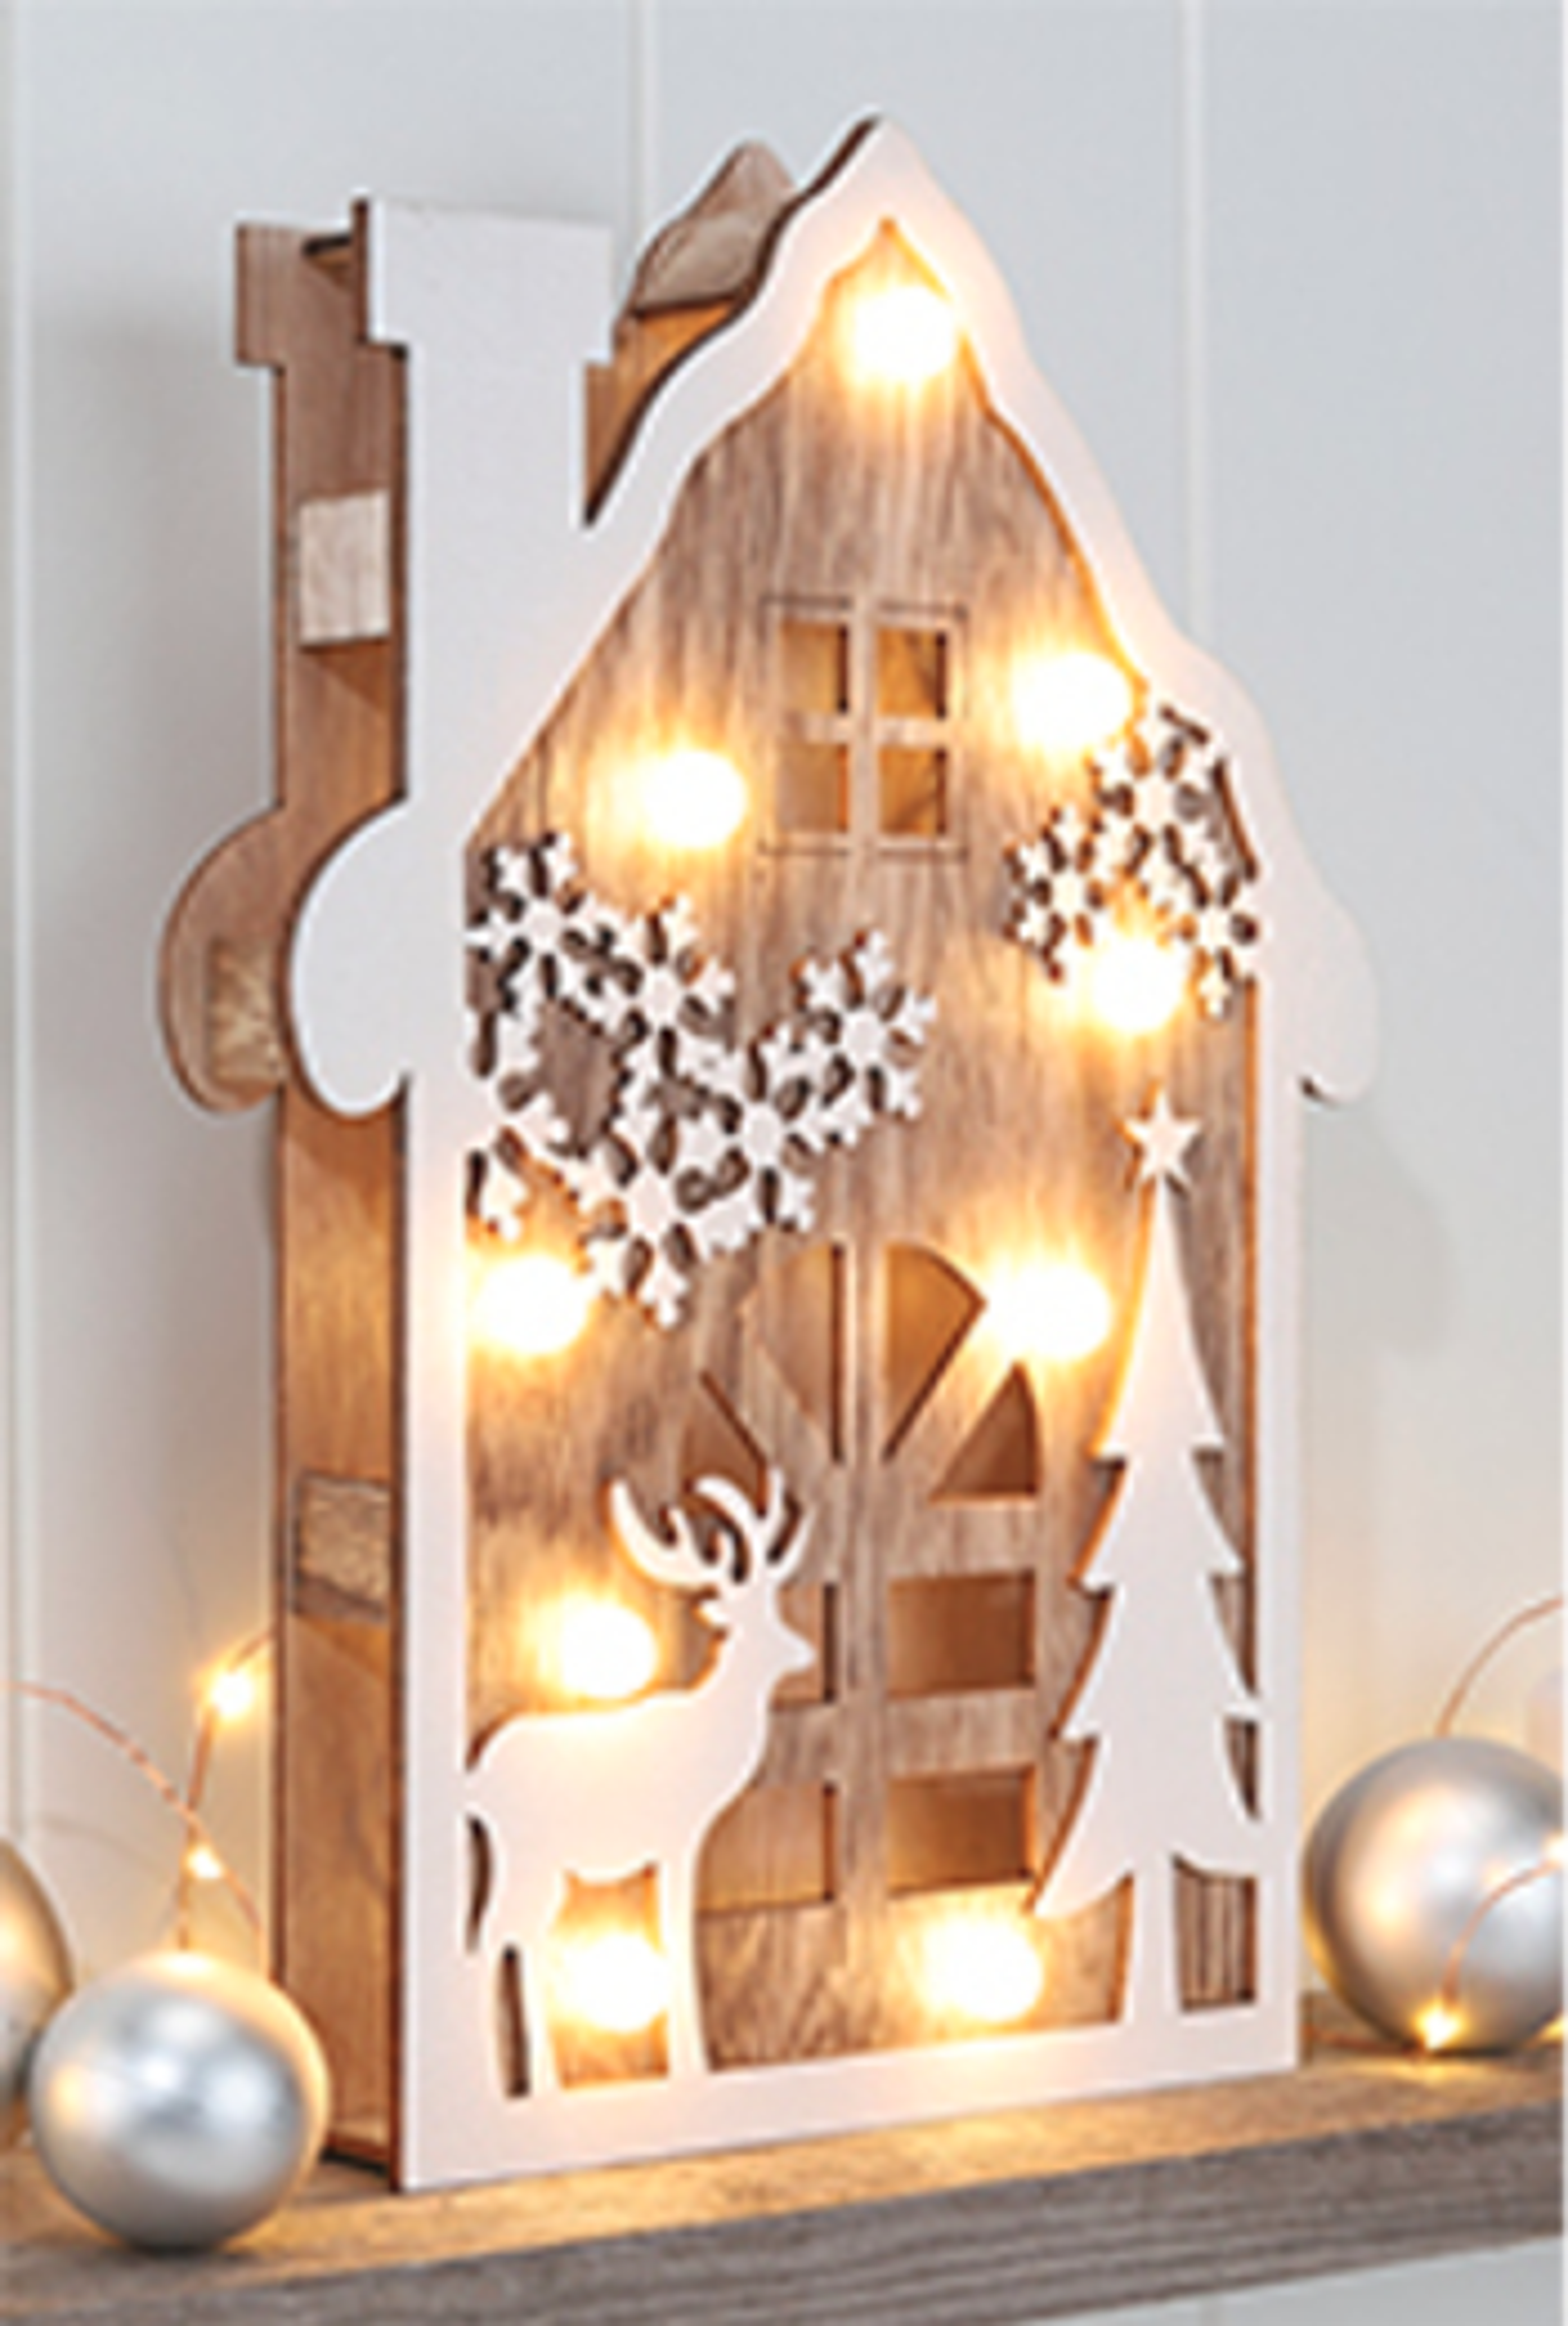 Weihnachtsdeko Günstig Auf Rechnung.Led Holzdekoration Adventsdekoration Weihnachten Dekoration Weihnachtsdeko